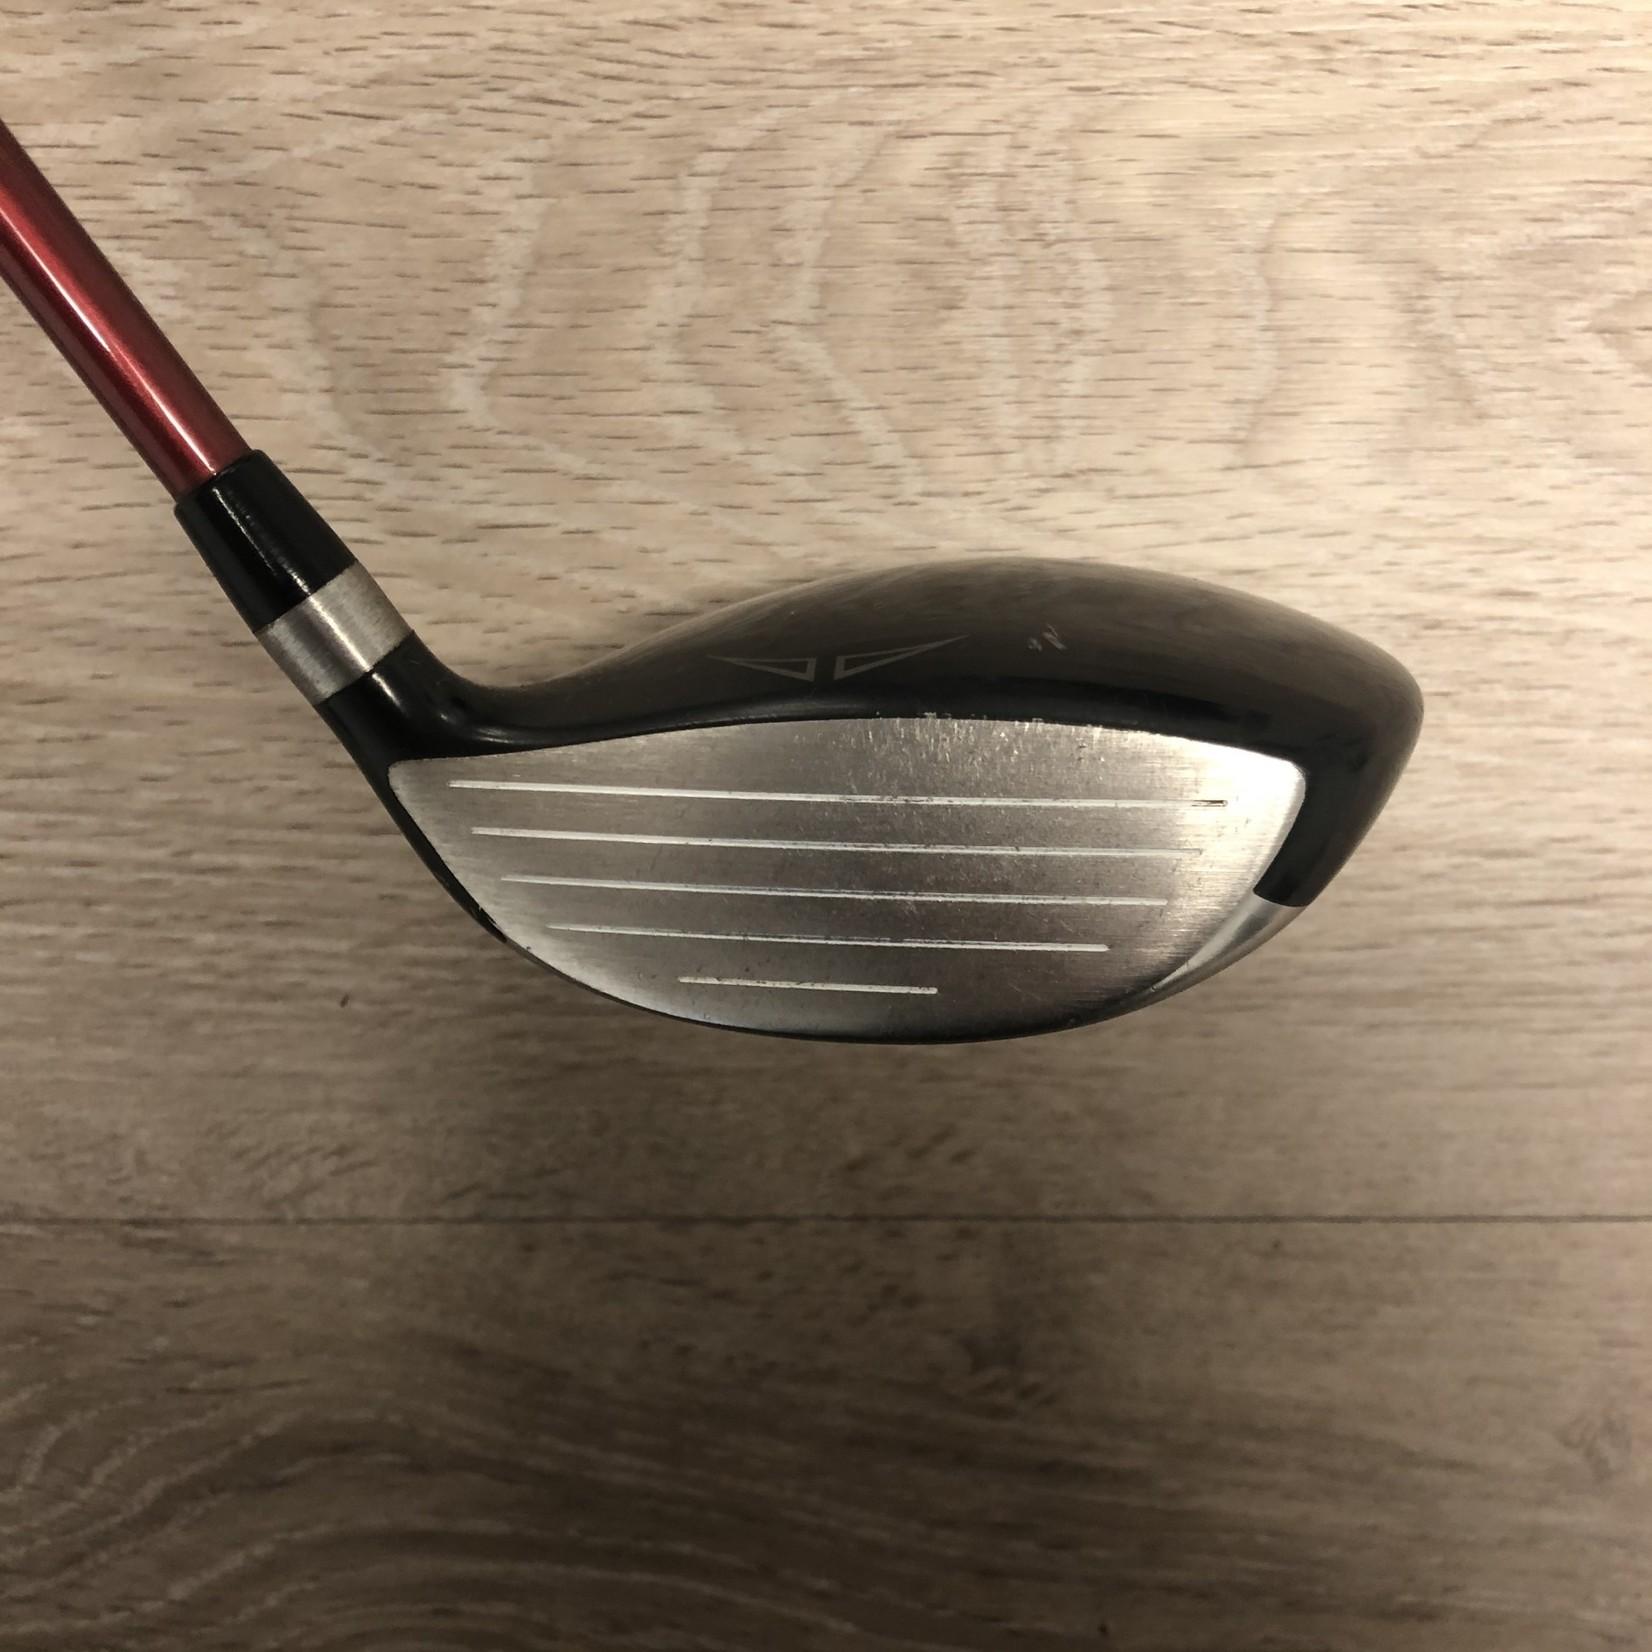 PING Ping K15 16* Fairway Wood Regular Flex (LH)